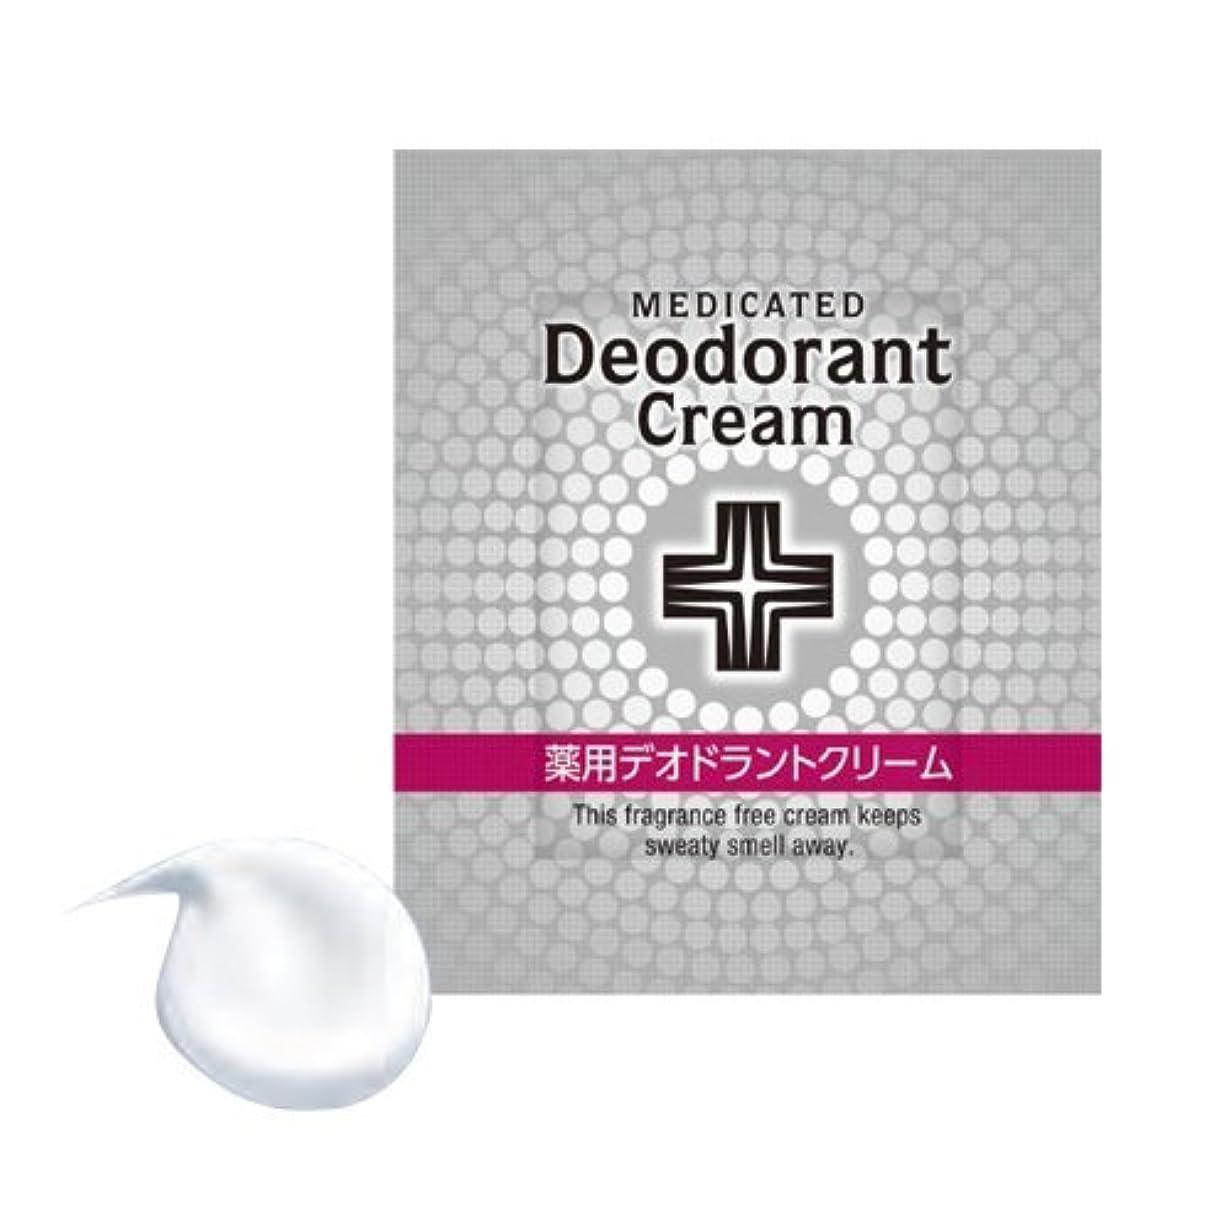 いう最大の優遇ウテナ商事 薬用デオドラントクリーム 1g 40個